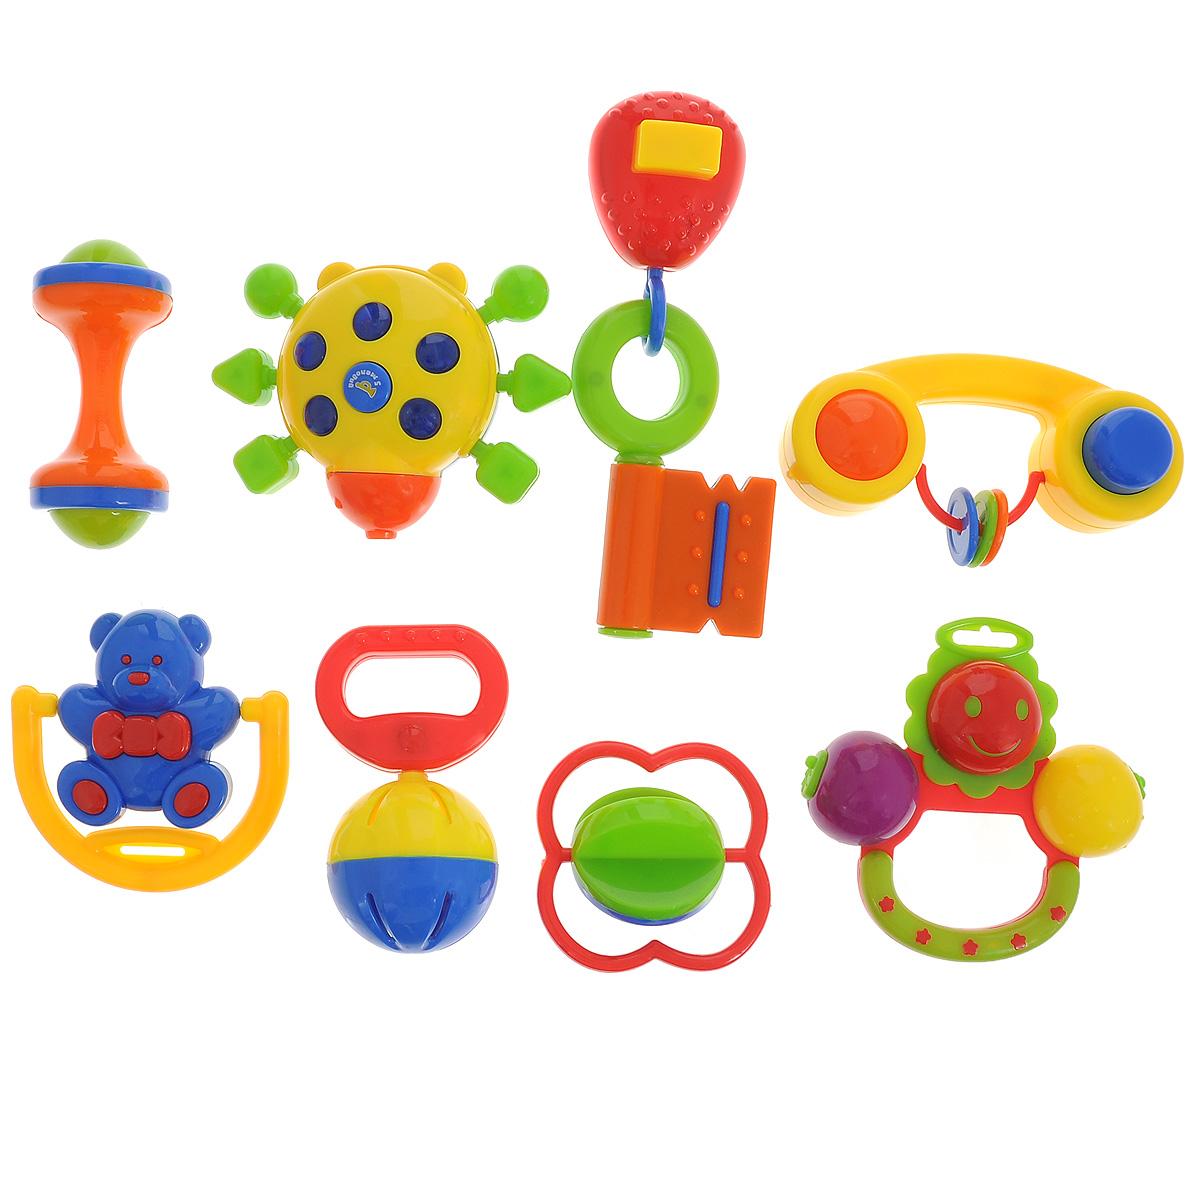 Набор погремушек Малышарики, 8 штMSH0302-004Погремушки Малышарики выполнены из безопасных материалов в ярком дизайне. Яркая и звонкая погремушка является первой игрушкой малыша, которая дарит ему радость и помогает знакомится с окружающим миром. Набор состоит из восьми погремушек, каждая из которых имеет свои особенности: погремушка с шариком, звонкая ромашка, ключик с пищалкой, музыкальный жучок, вращающийся медвежонок, погремушка-пищалка, погремушка с крутящимся шариком и погремушка в форме маленькой гантельки. Погремушки Малышарики помогут крохе научиться фокусировать внимание, развивают мелкую моторику и слуховое восприятие малыша. Рекомендуемый возраст: 0-1 год. Уважаемые клиенты! Обращаем ваше внимание на возможные изменения в дизайне некоторых деталей товара. Поставка осуществляется в зависимости от наличия на складе.